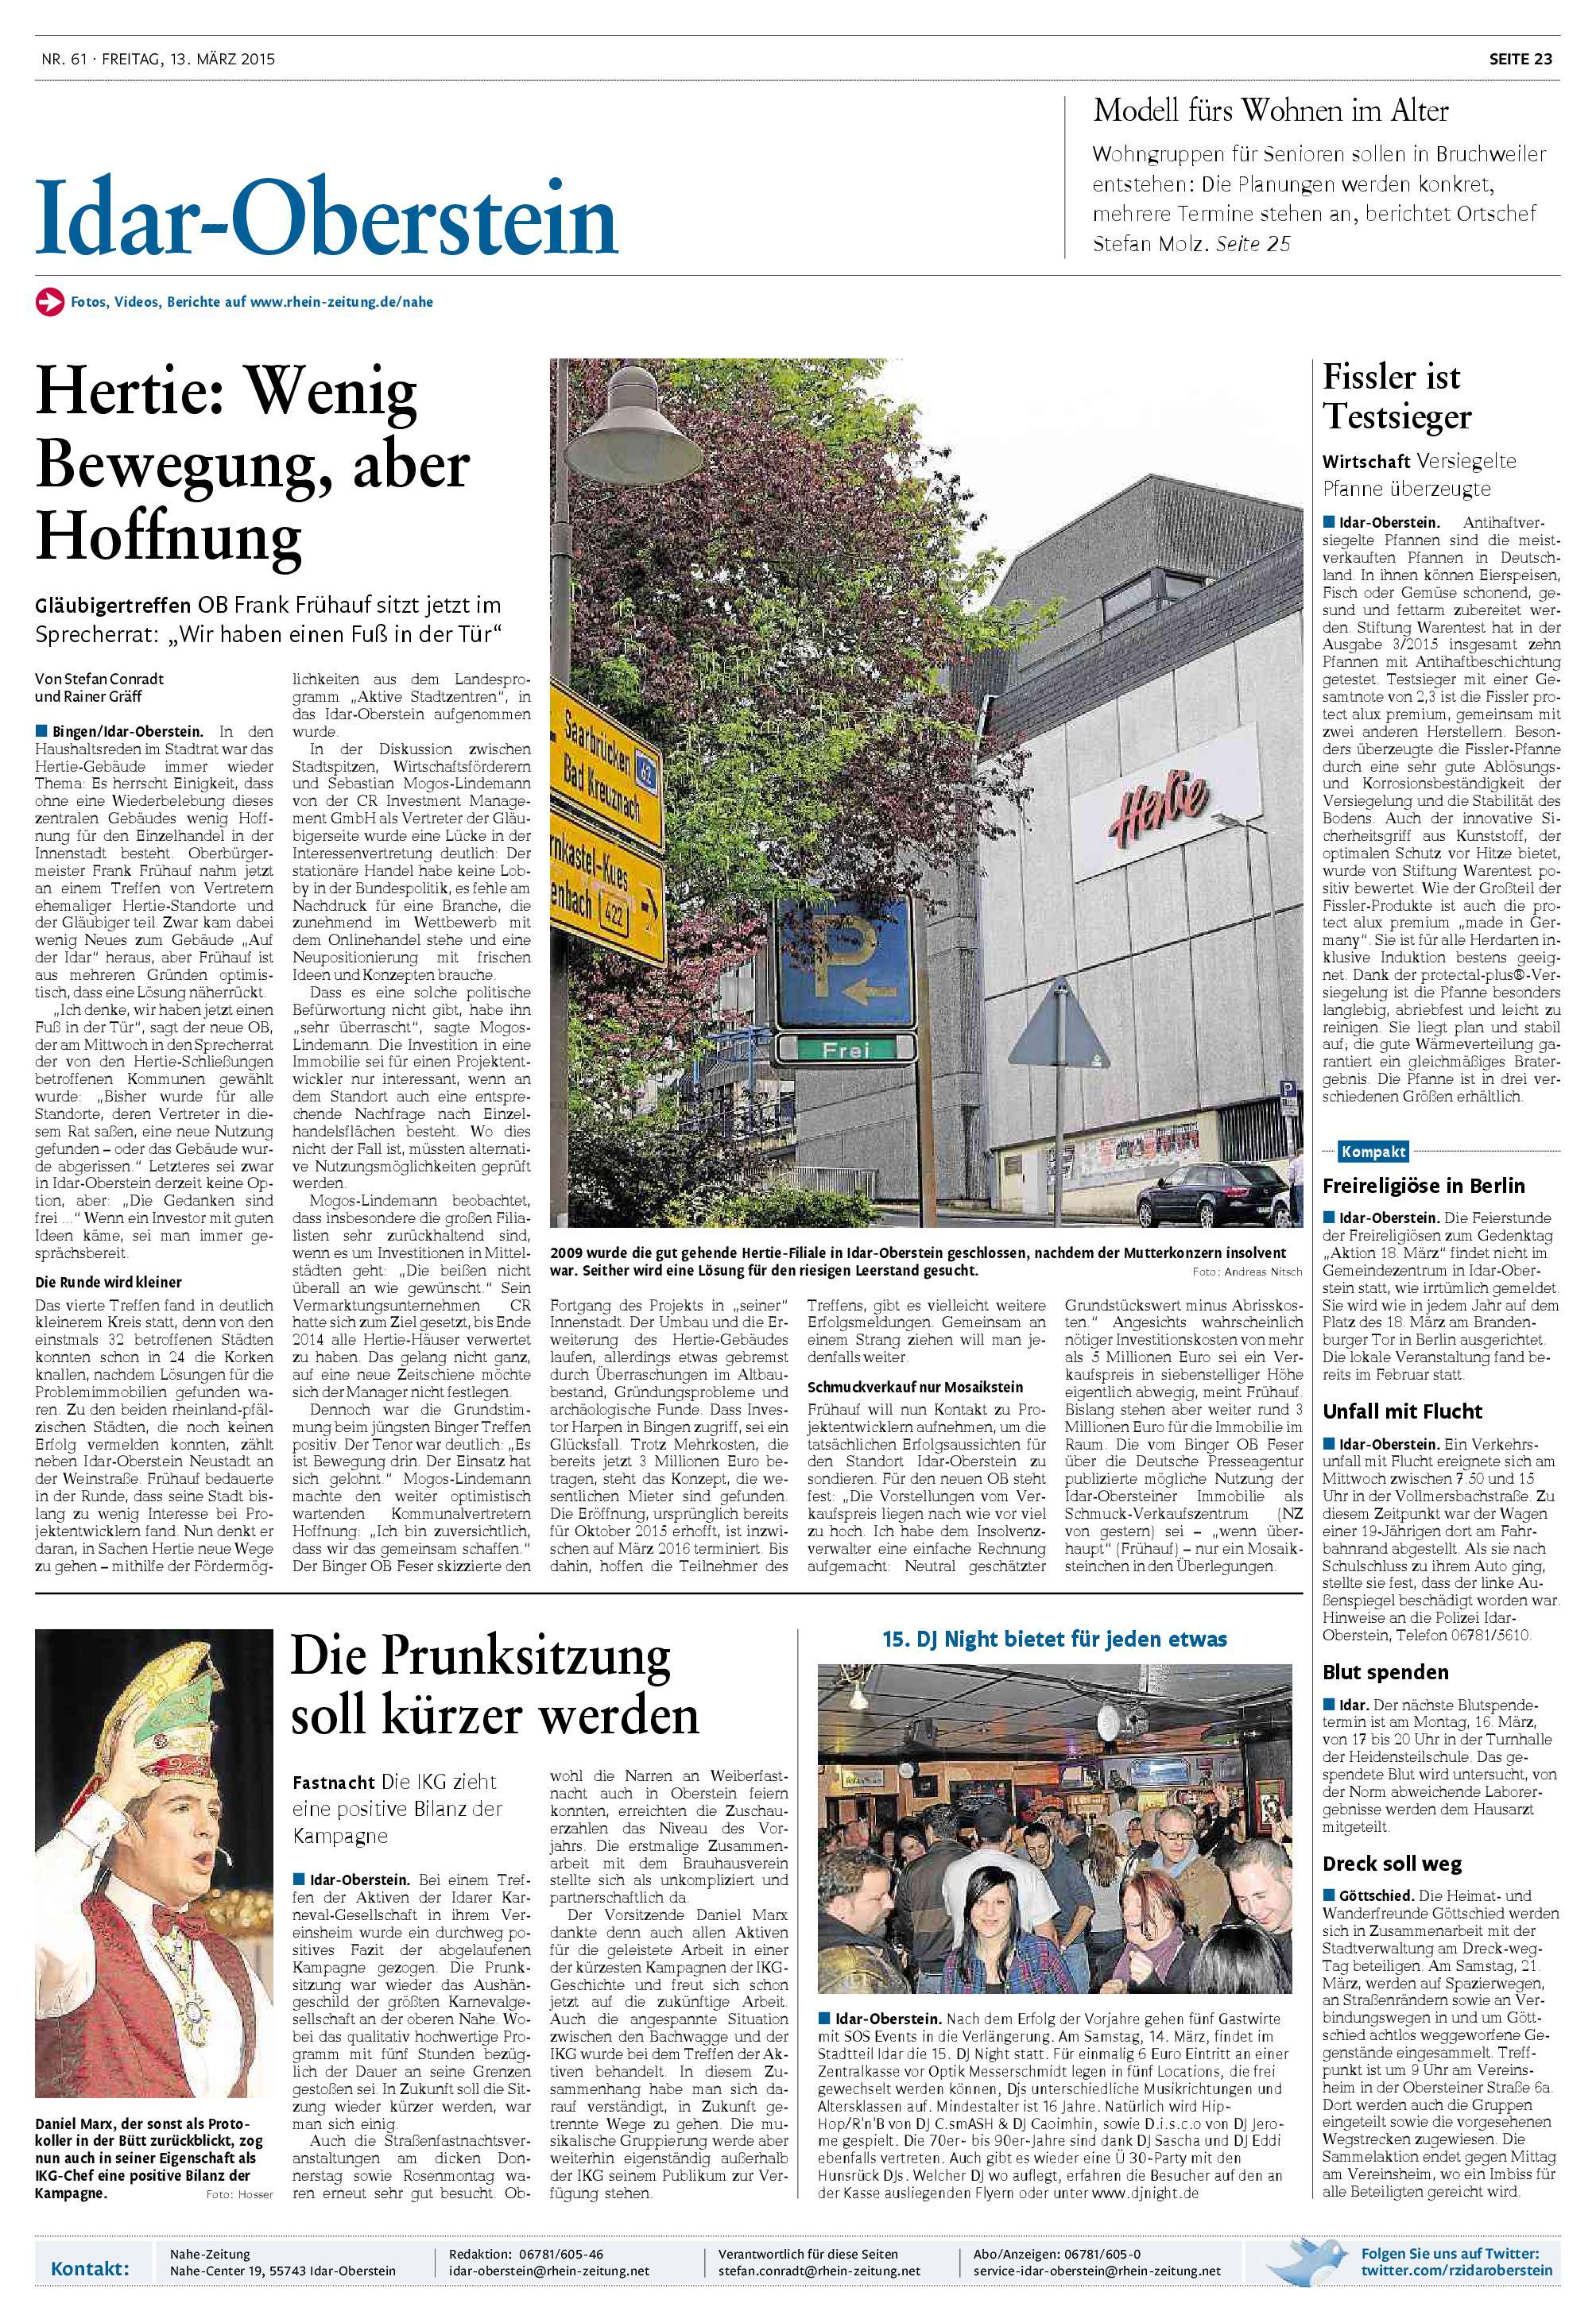 13.03.2015-IKG-zieht-eine-positive-Bilanz-aus-der-Kampagne-001.jpg